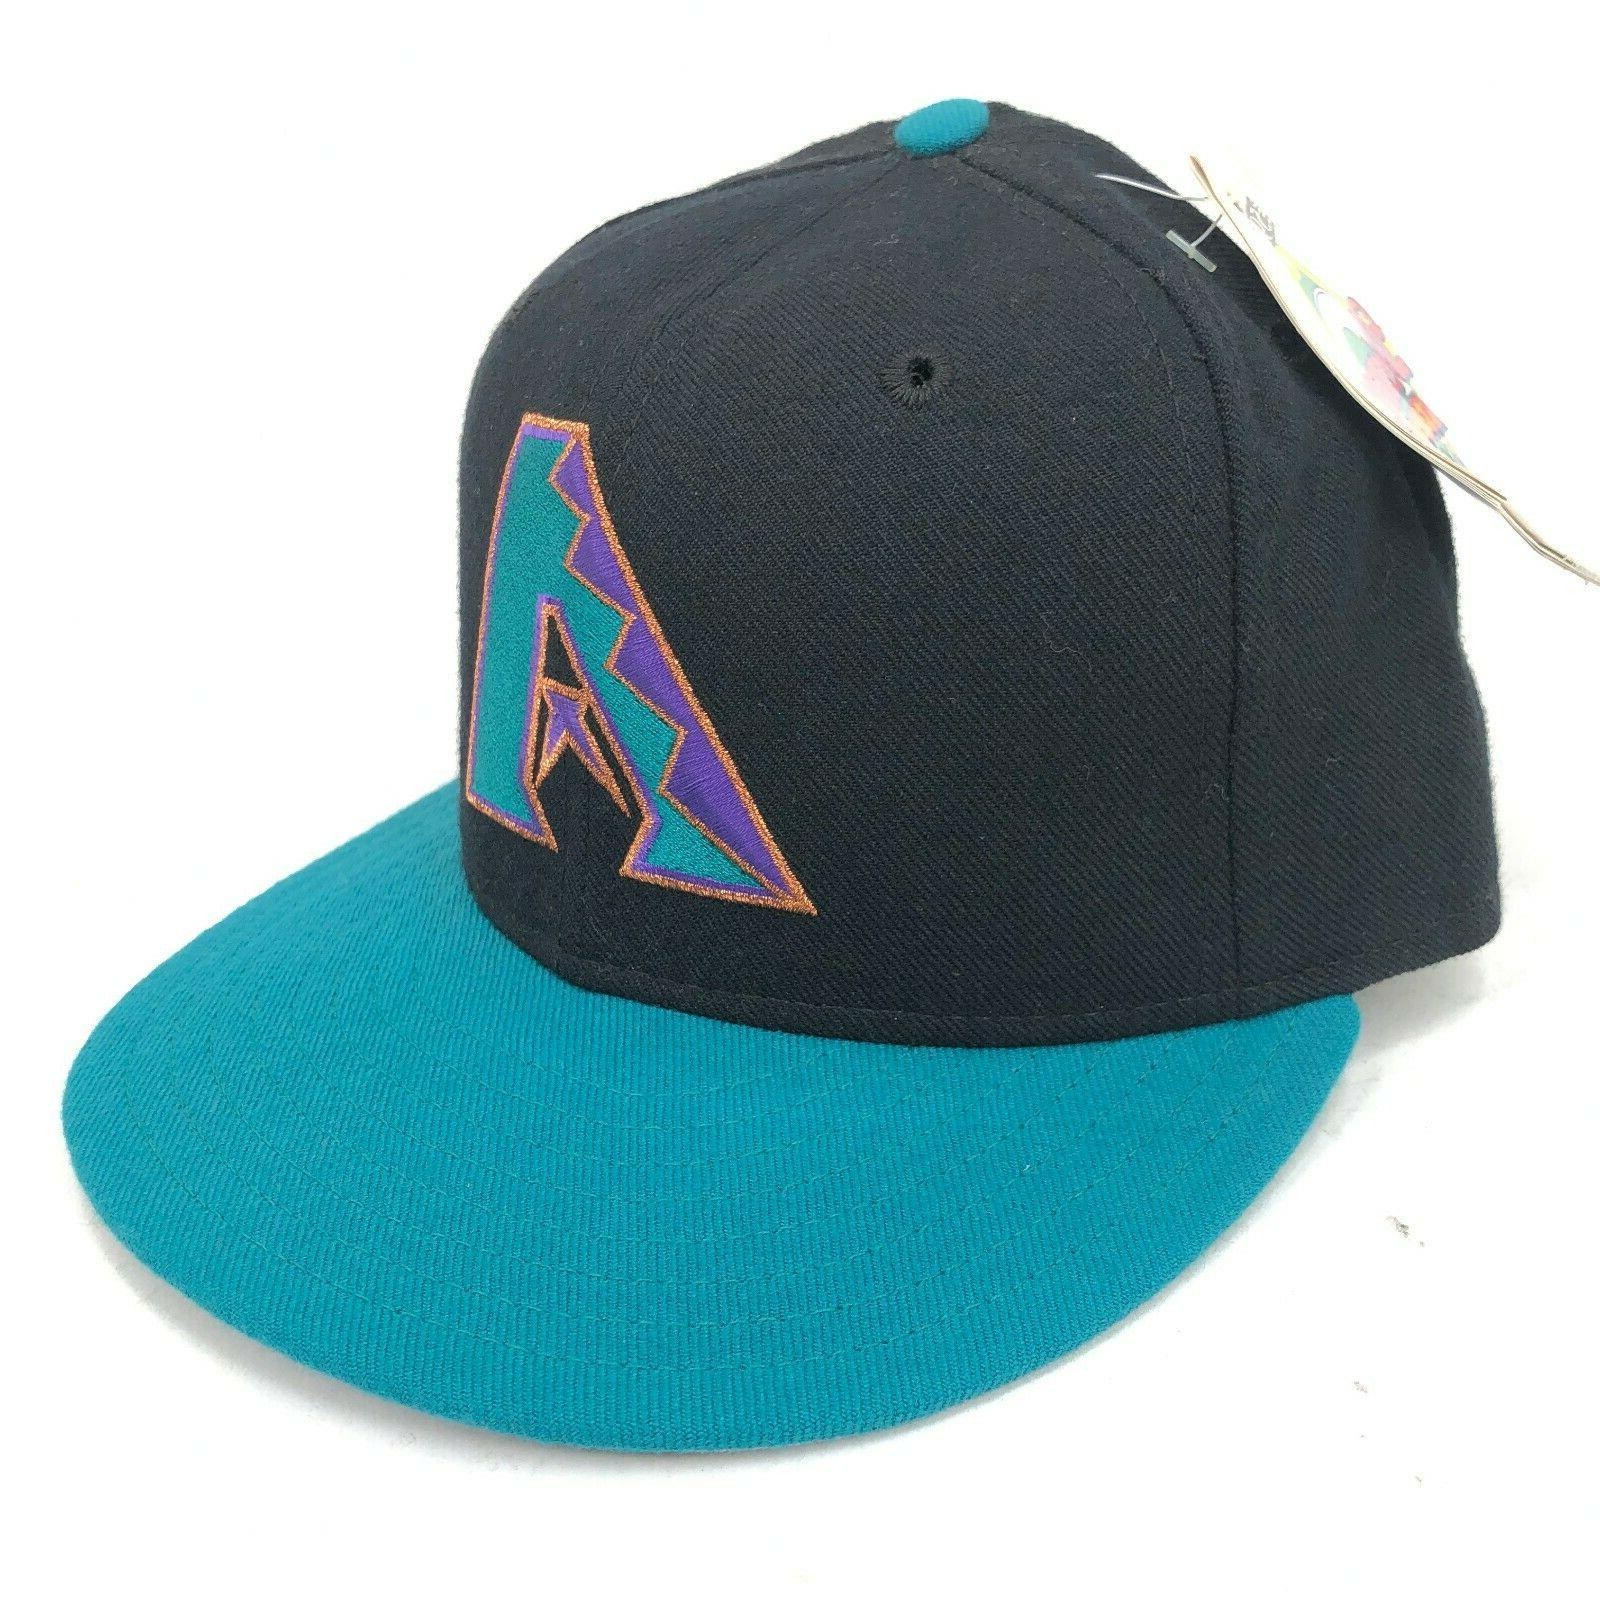 vintage arizona diamondbacks 5950 fitted hat giant